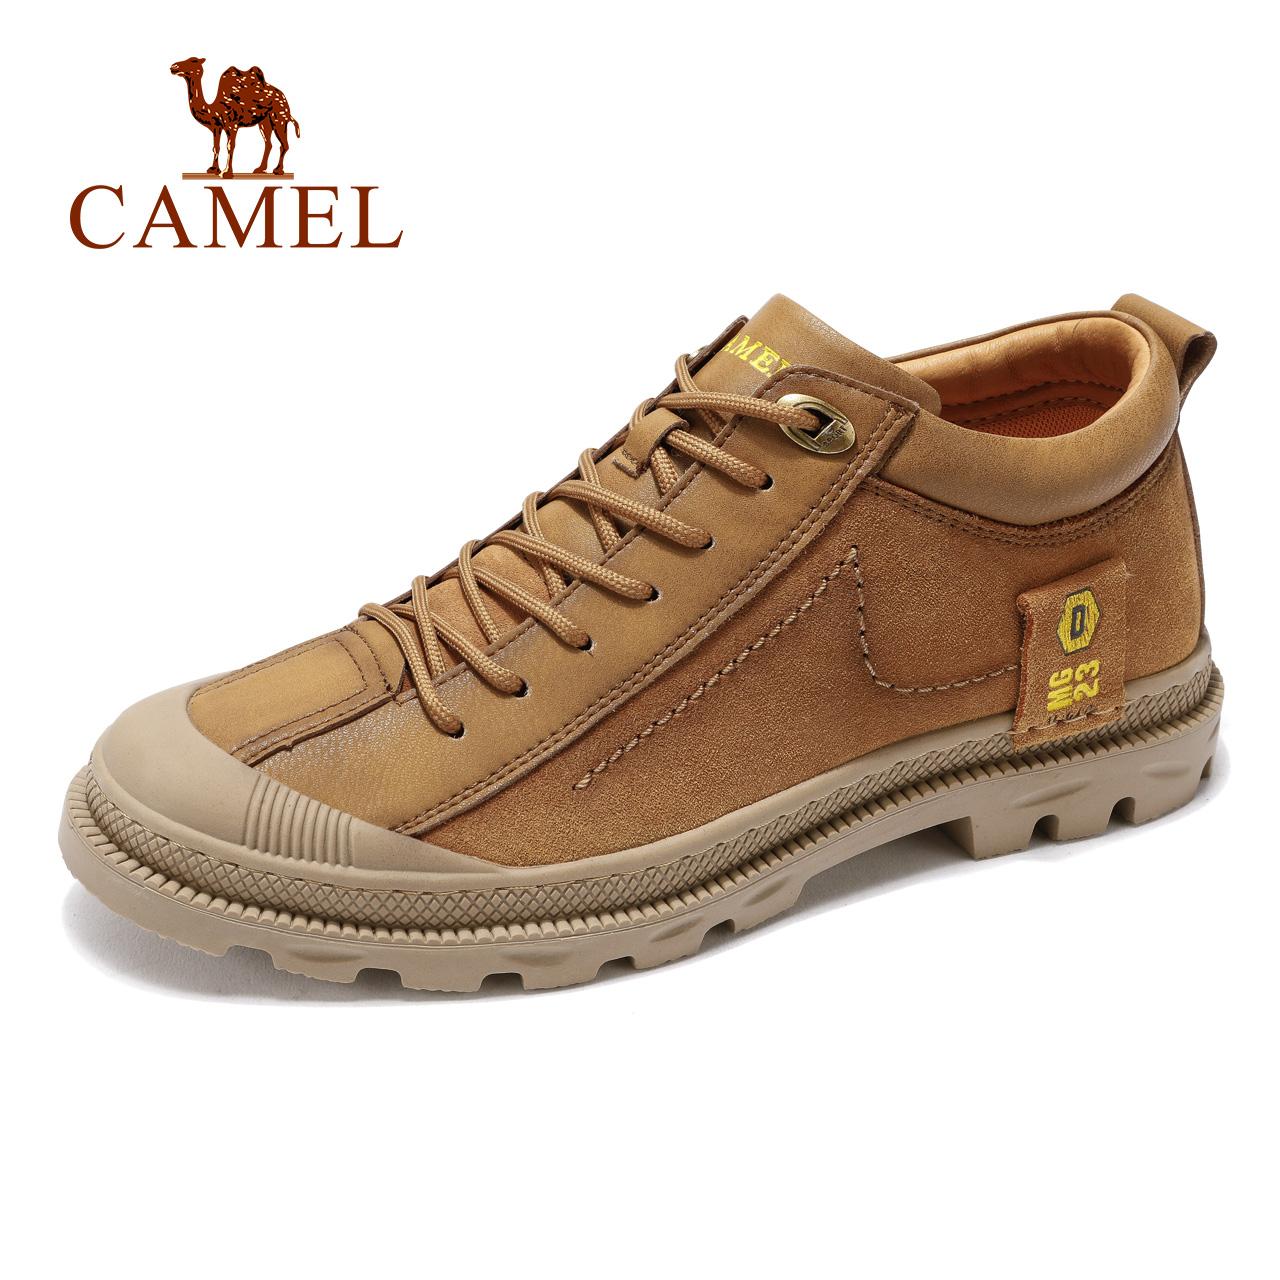 Обувь для туризма / Лыжные и сноубордические ботинки Артикул 600223526002